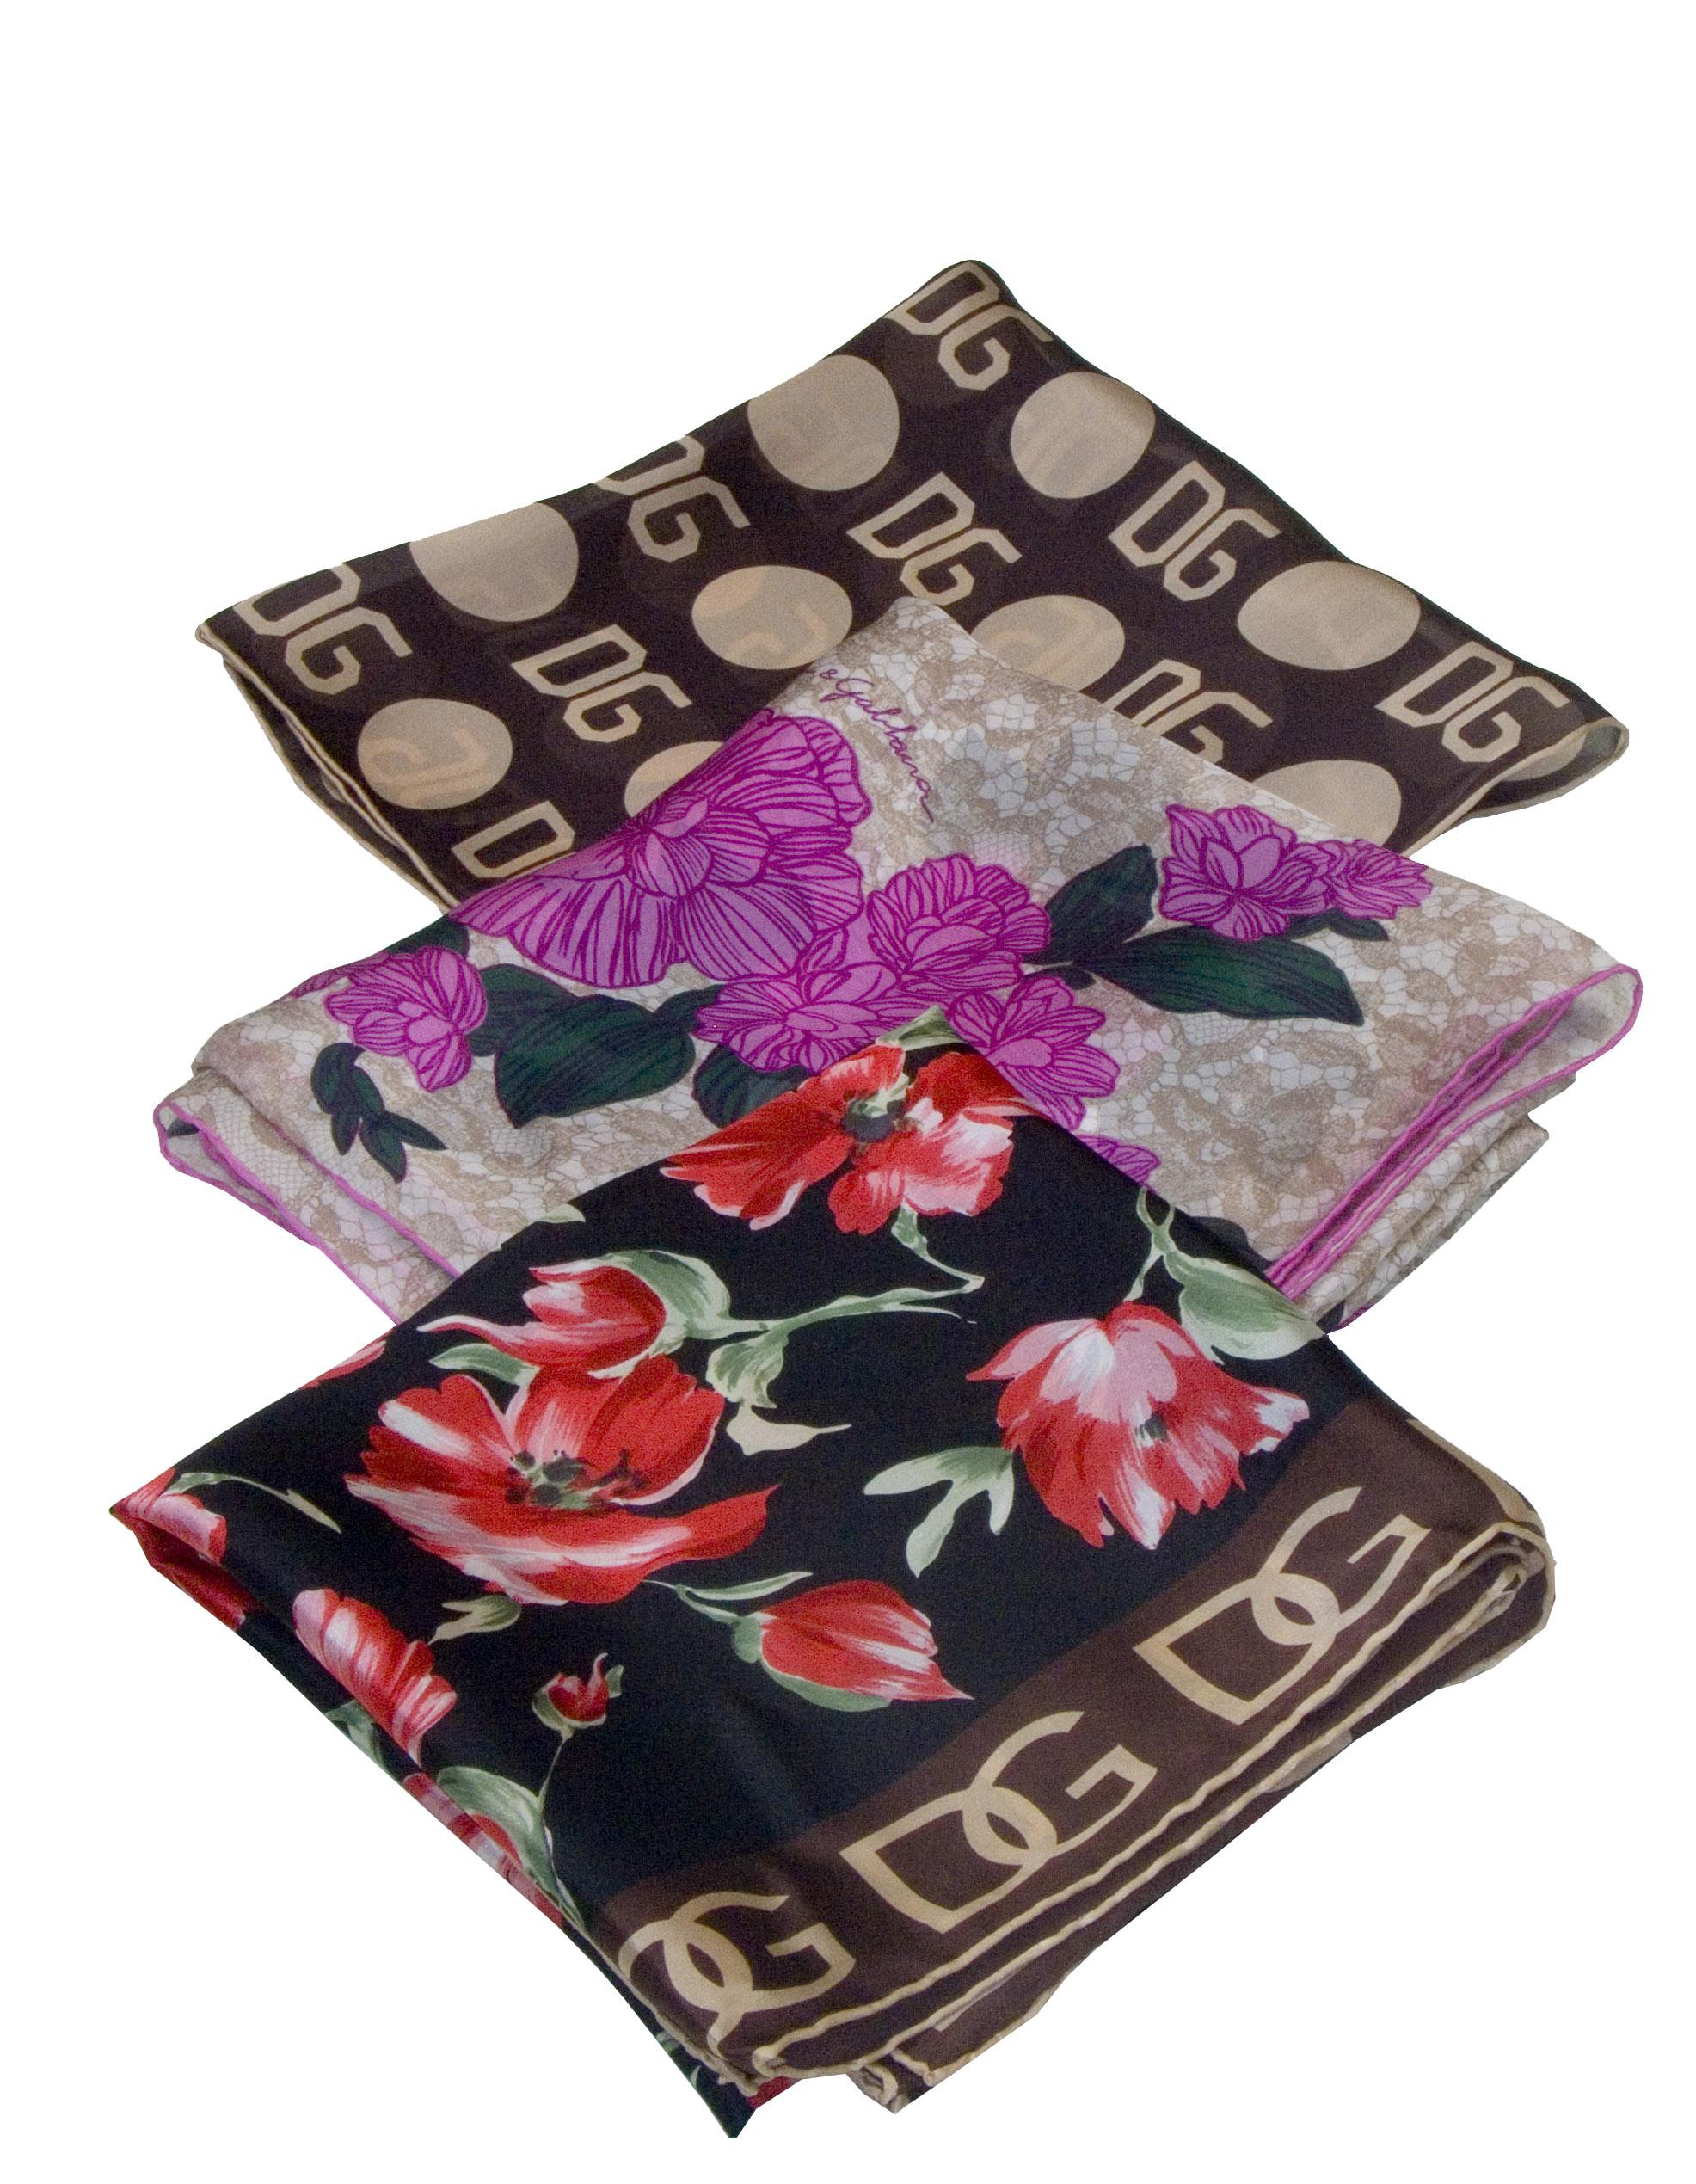 Šátek patří již mnoho desetiletí k běžně a často používaným módním  doplňkům 6fe257bddb